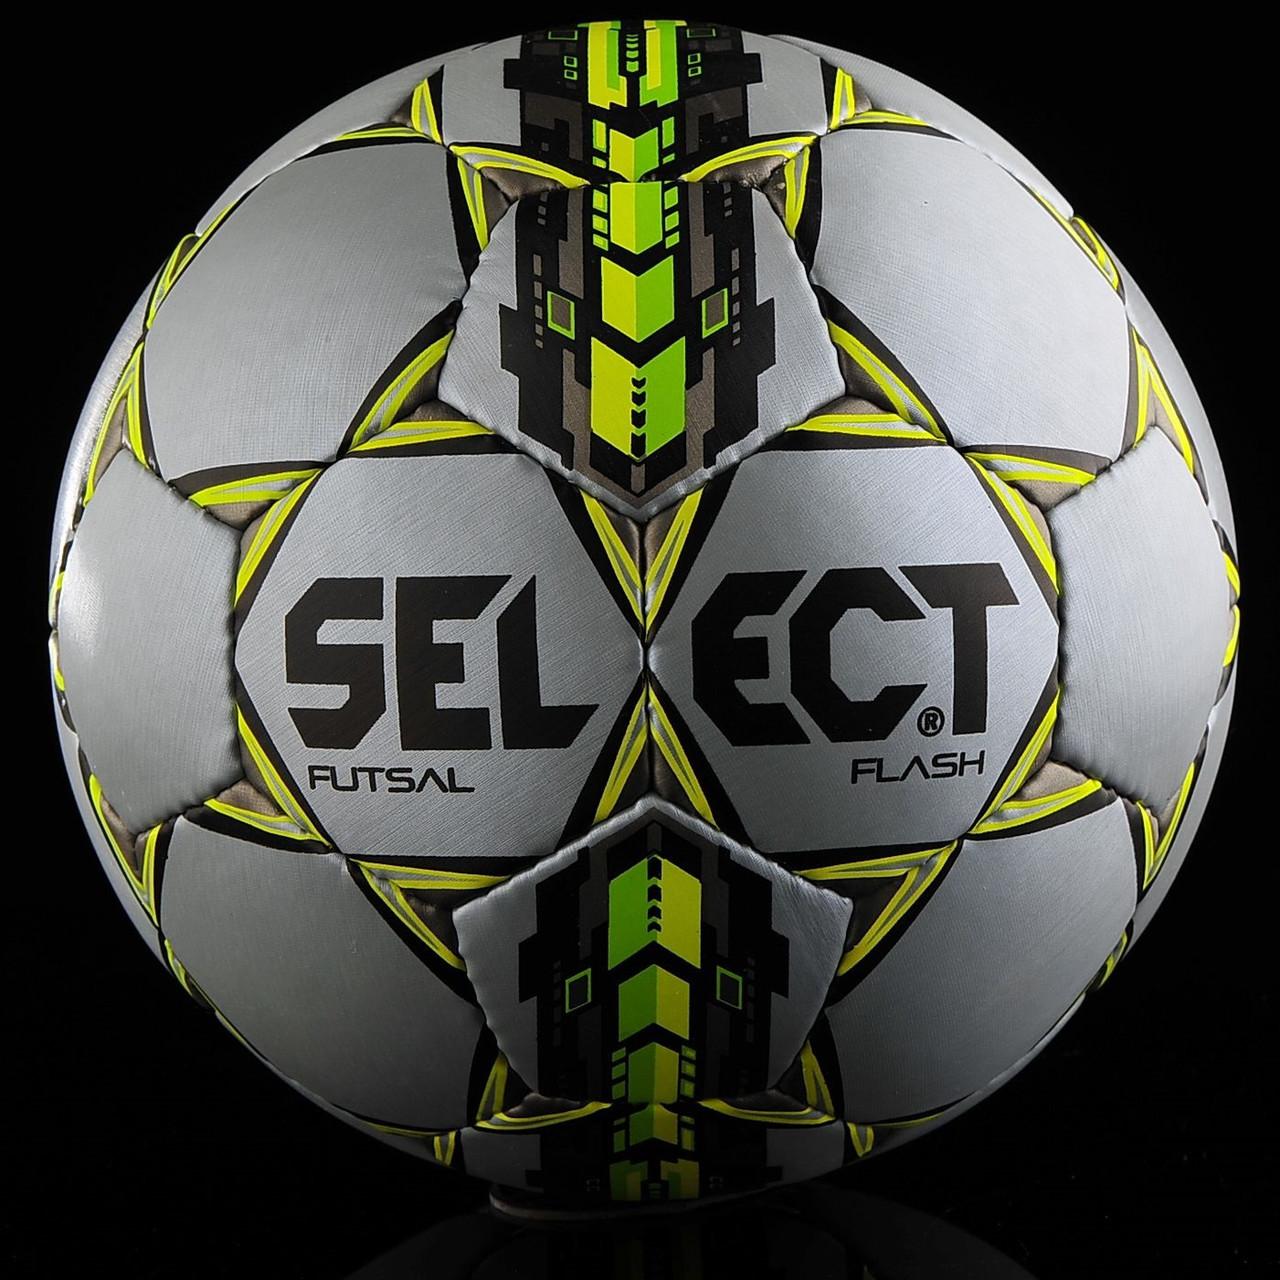 Мяч футзальный Select Futsal  Flash